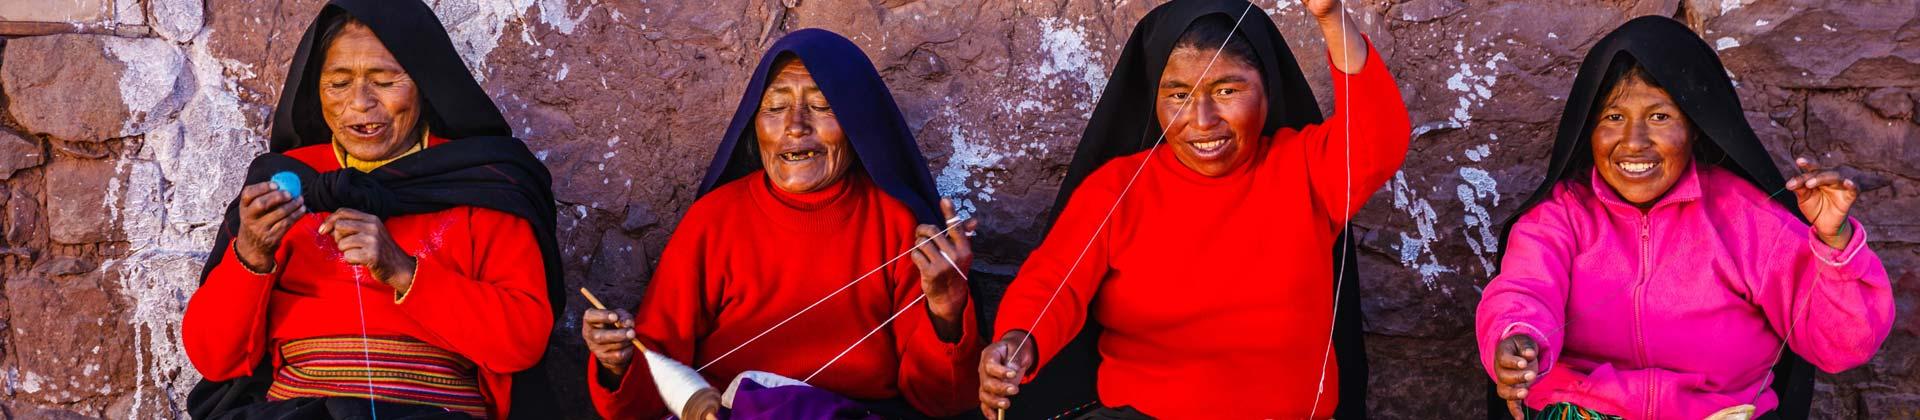 Peruaanse vrouwen aan het breien